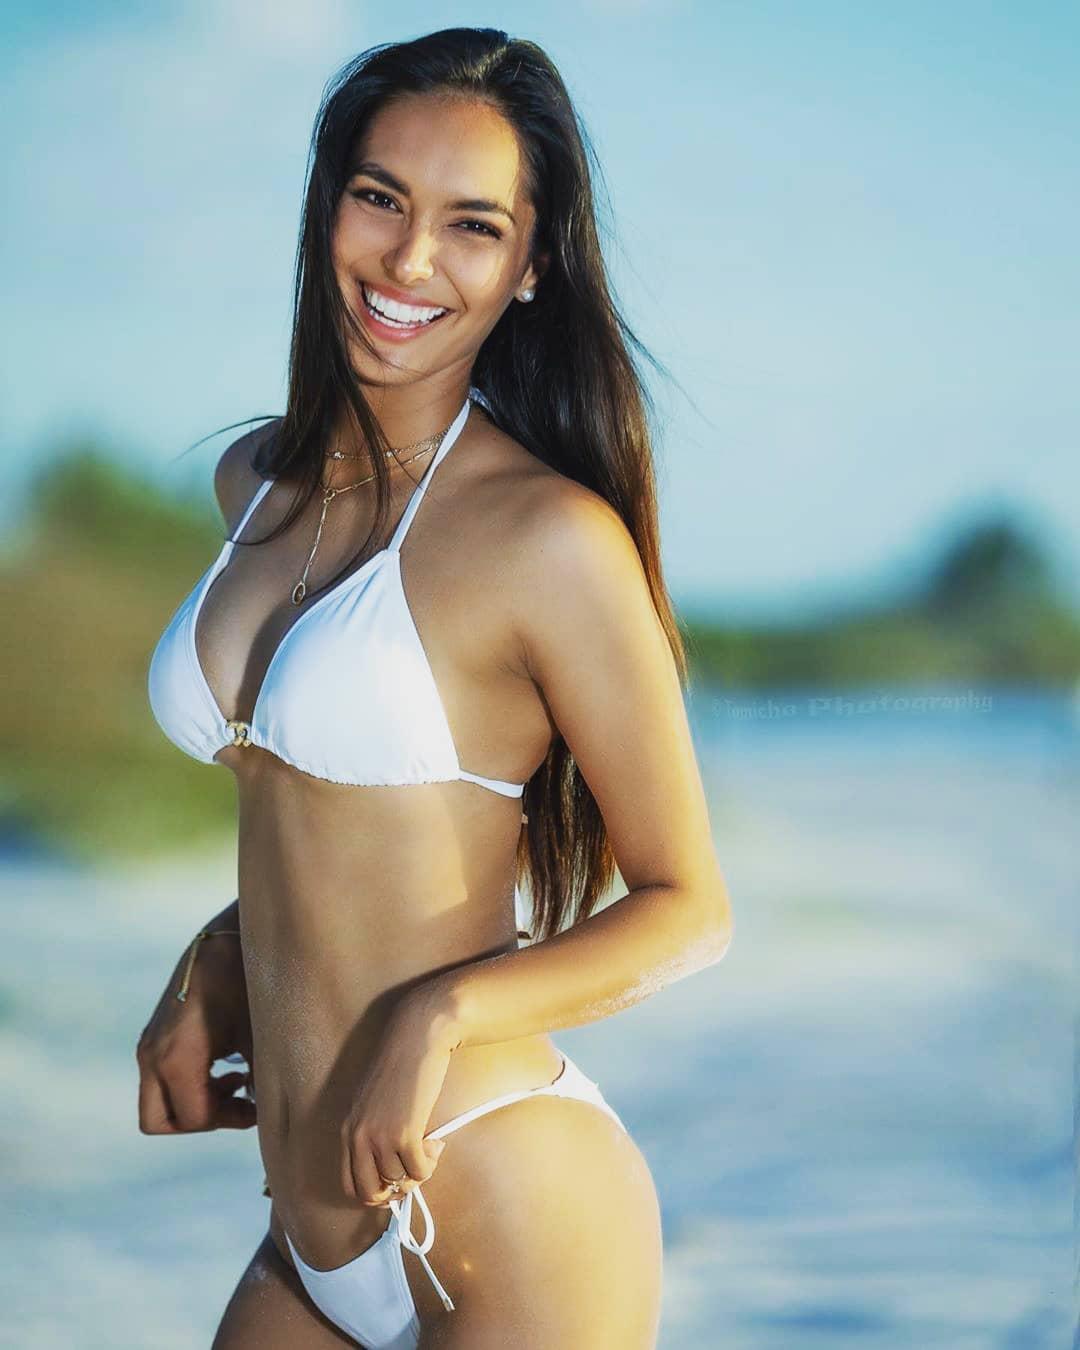 romina lozano, miss charm peru 2020/miss peru universo 2018. - Página 21 85170110